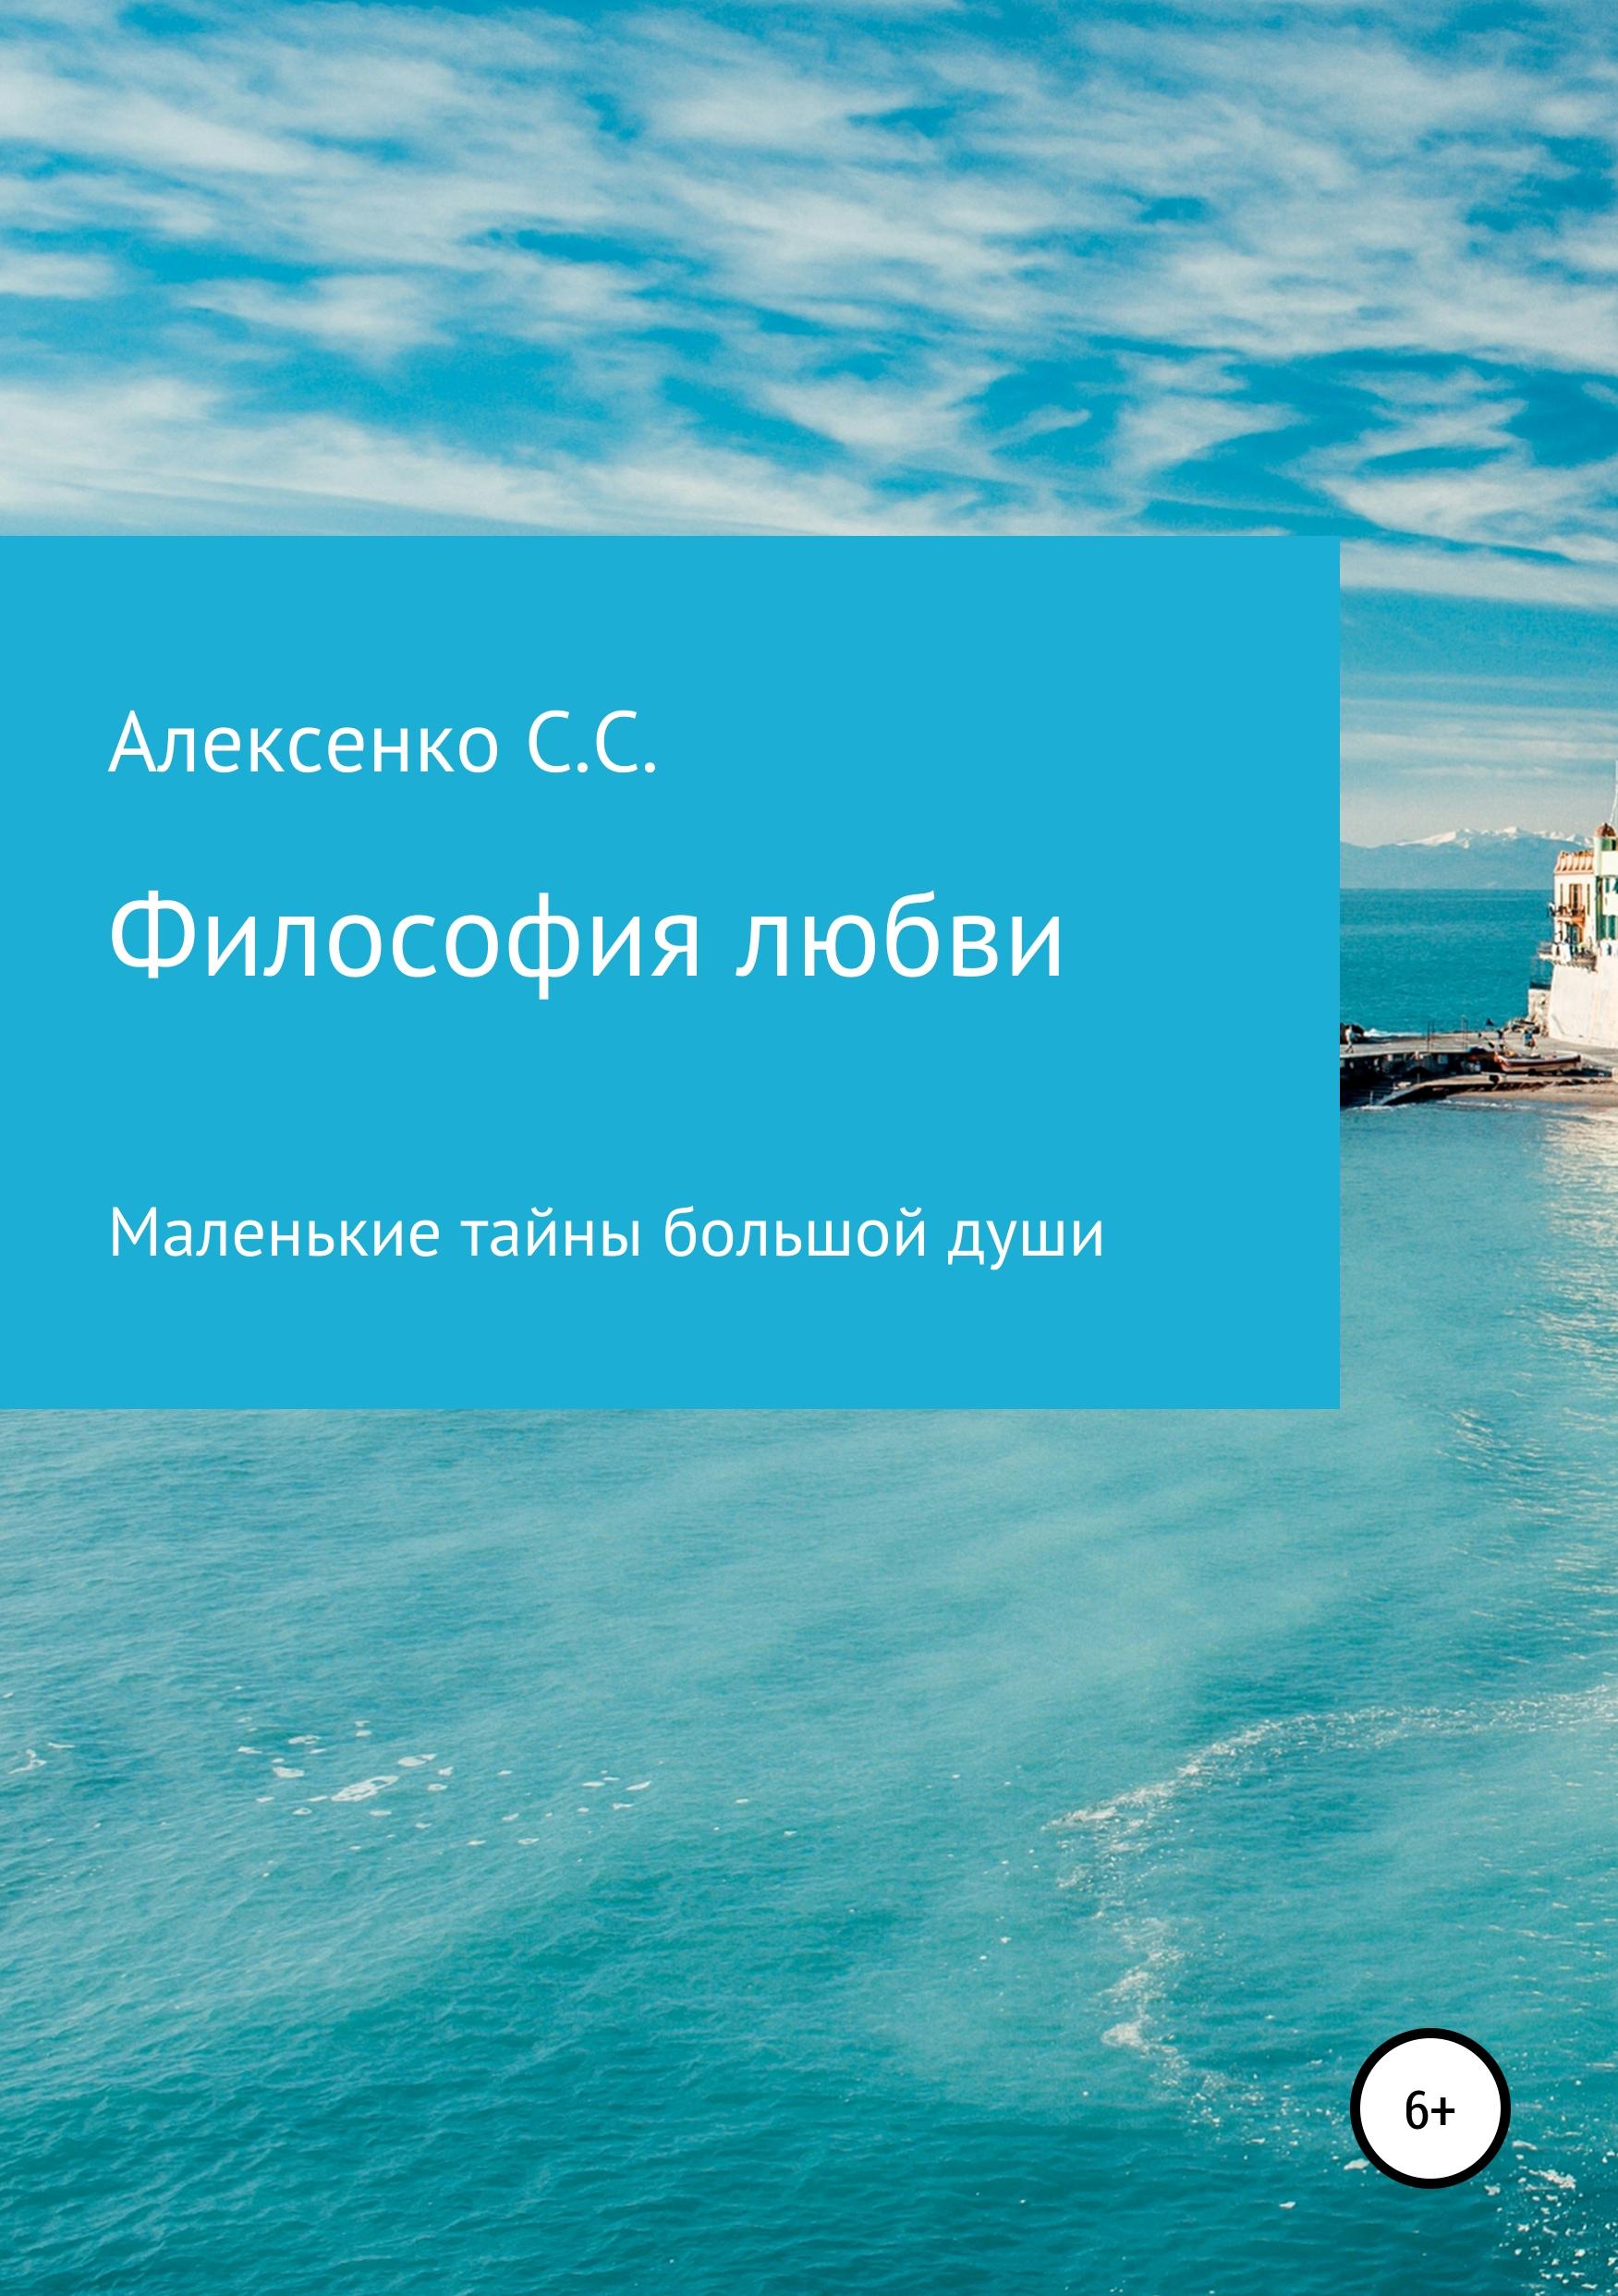 Электронная книга «Философия любви» – Сергей Алексенко